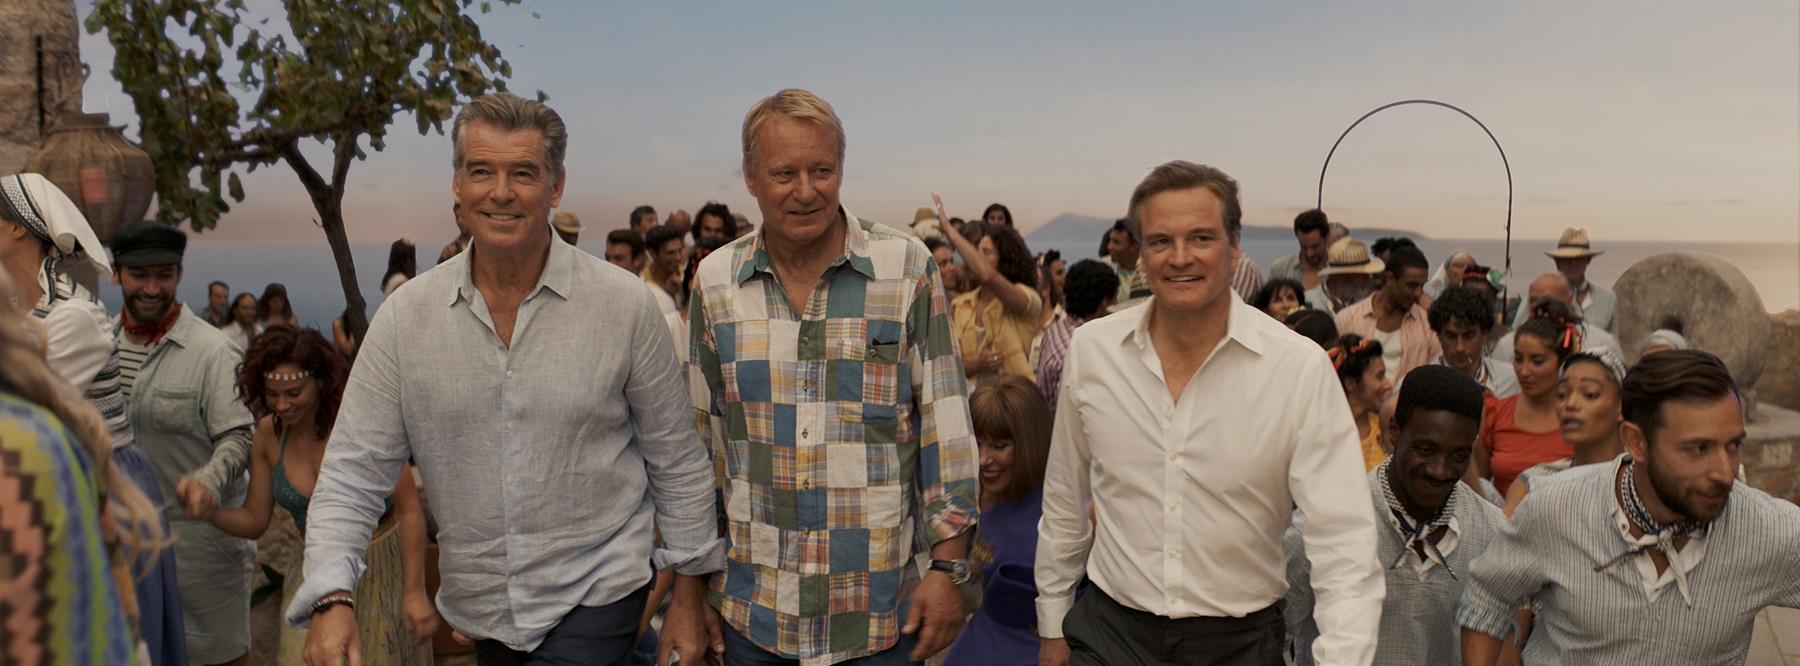 唐娜生命中的三個男人, 分別為 皮爾斯布洛斯南, 史戴倫史柯斯嘉, 科林佛斯